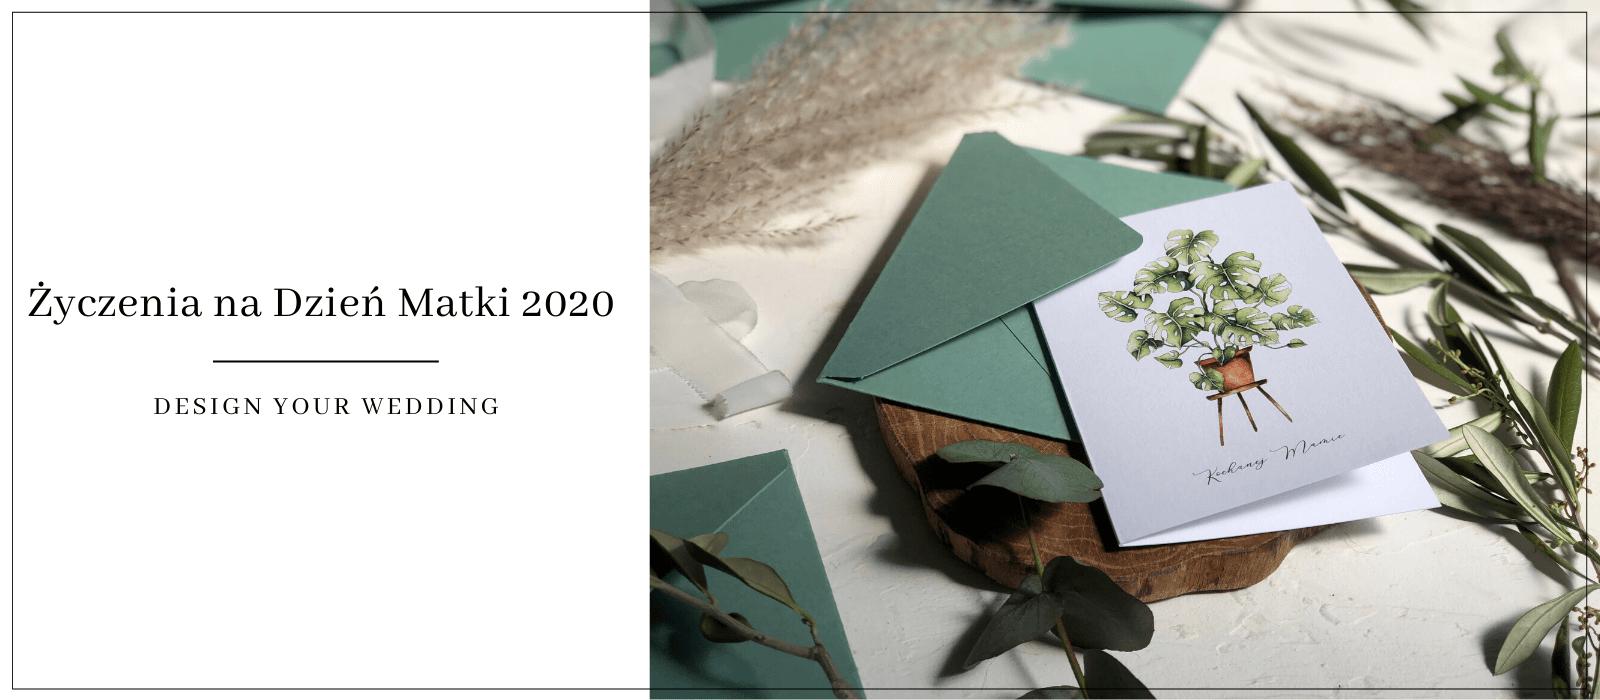 Kartka z życzeniami Kochanej Mamie Monstera Design Your Wedding